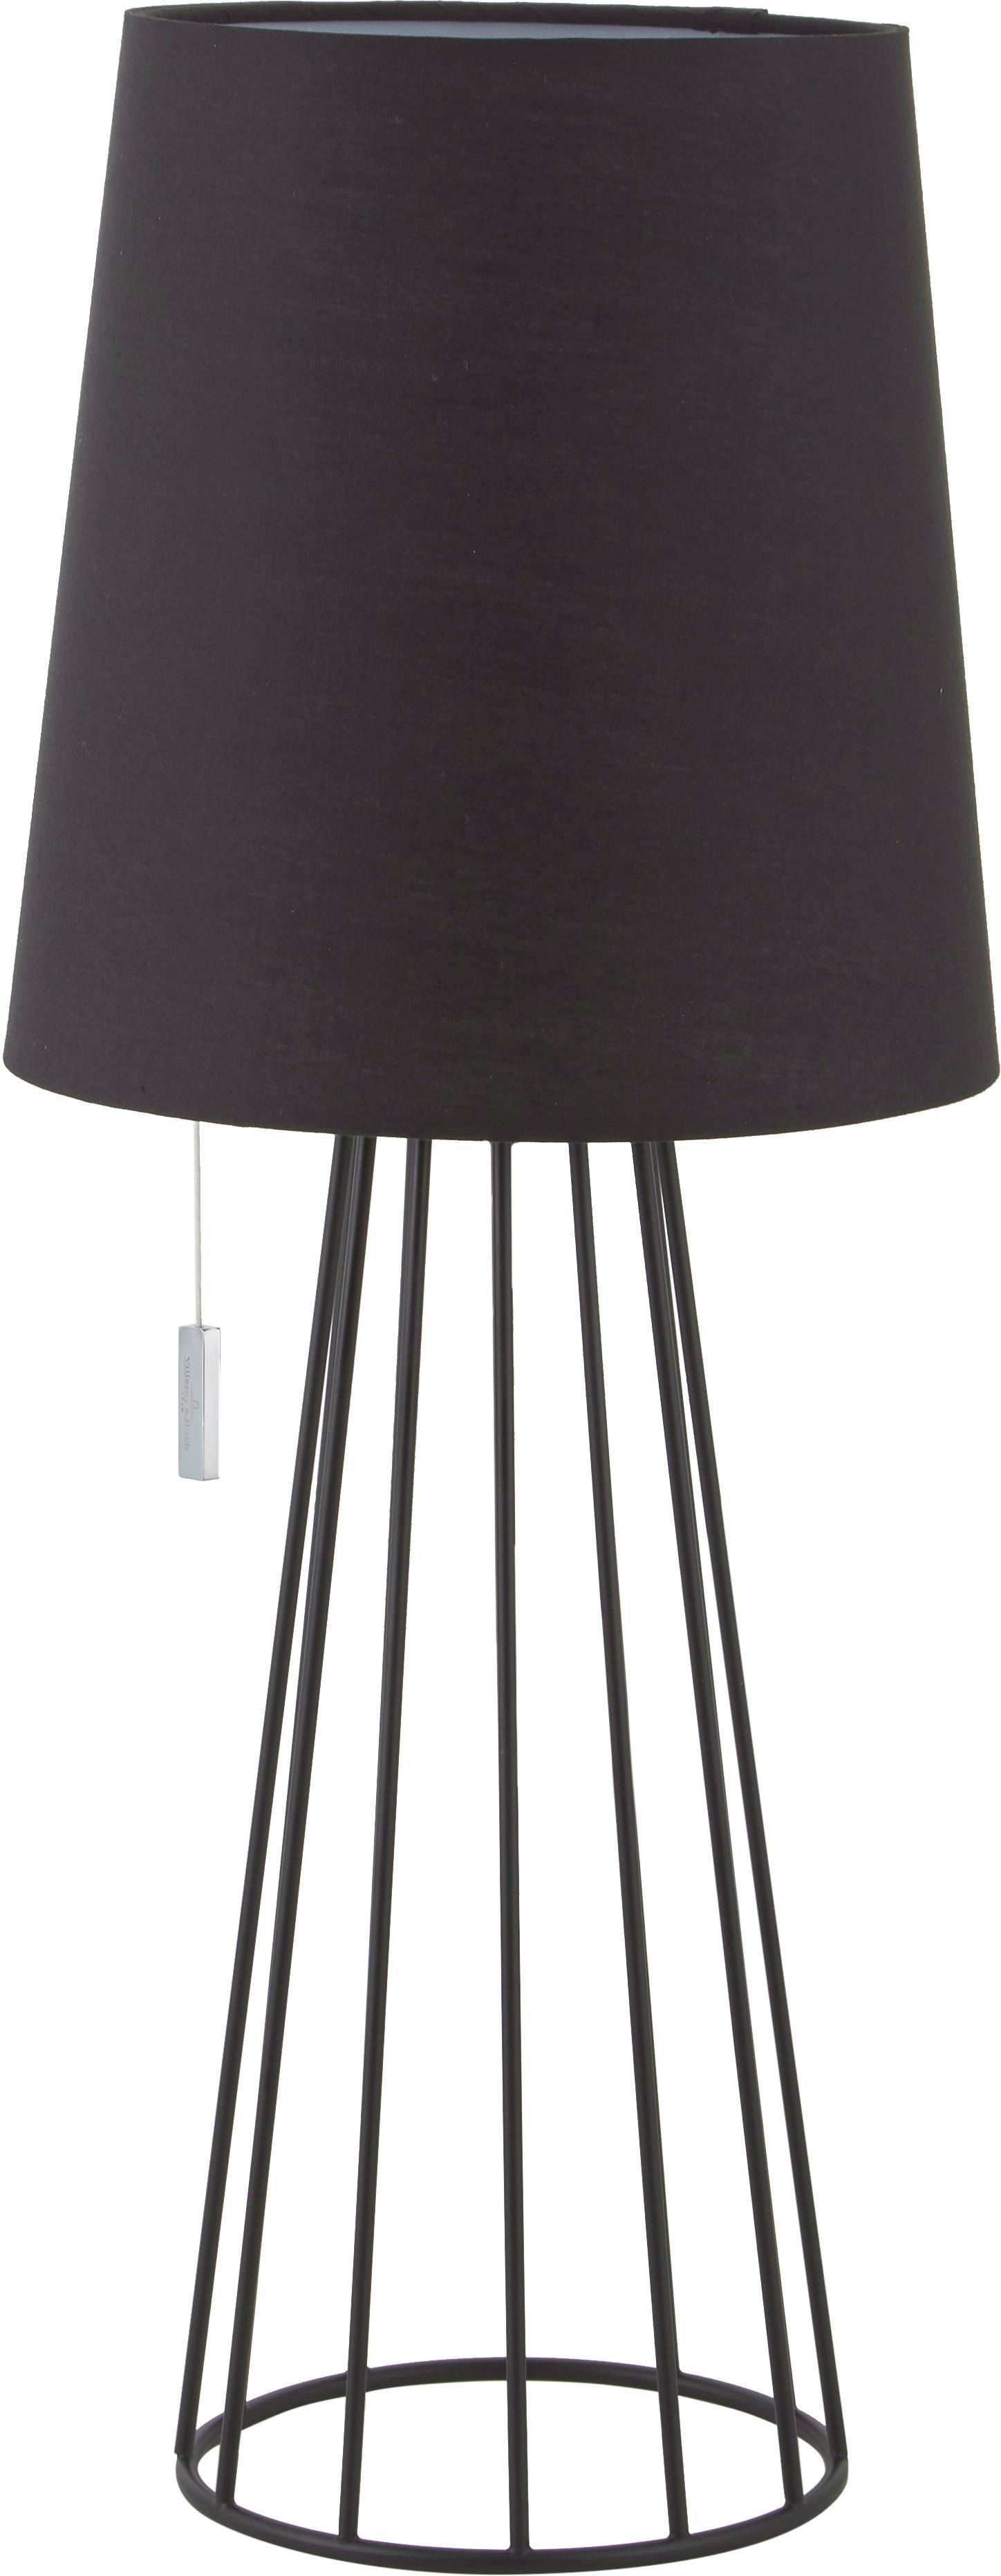 Große Tischleuchte Mailand, Lampenfuß: Metall, vermessingt und l, Schwarz, Ø 23 x H 59 cm